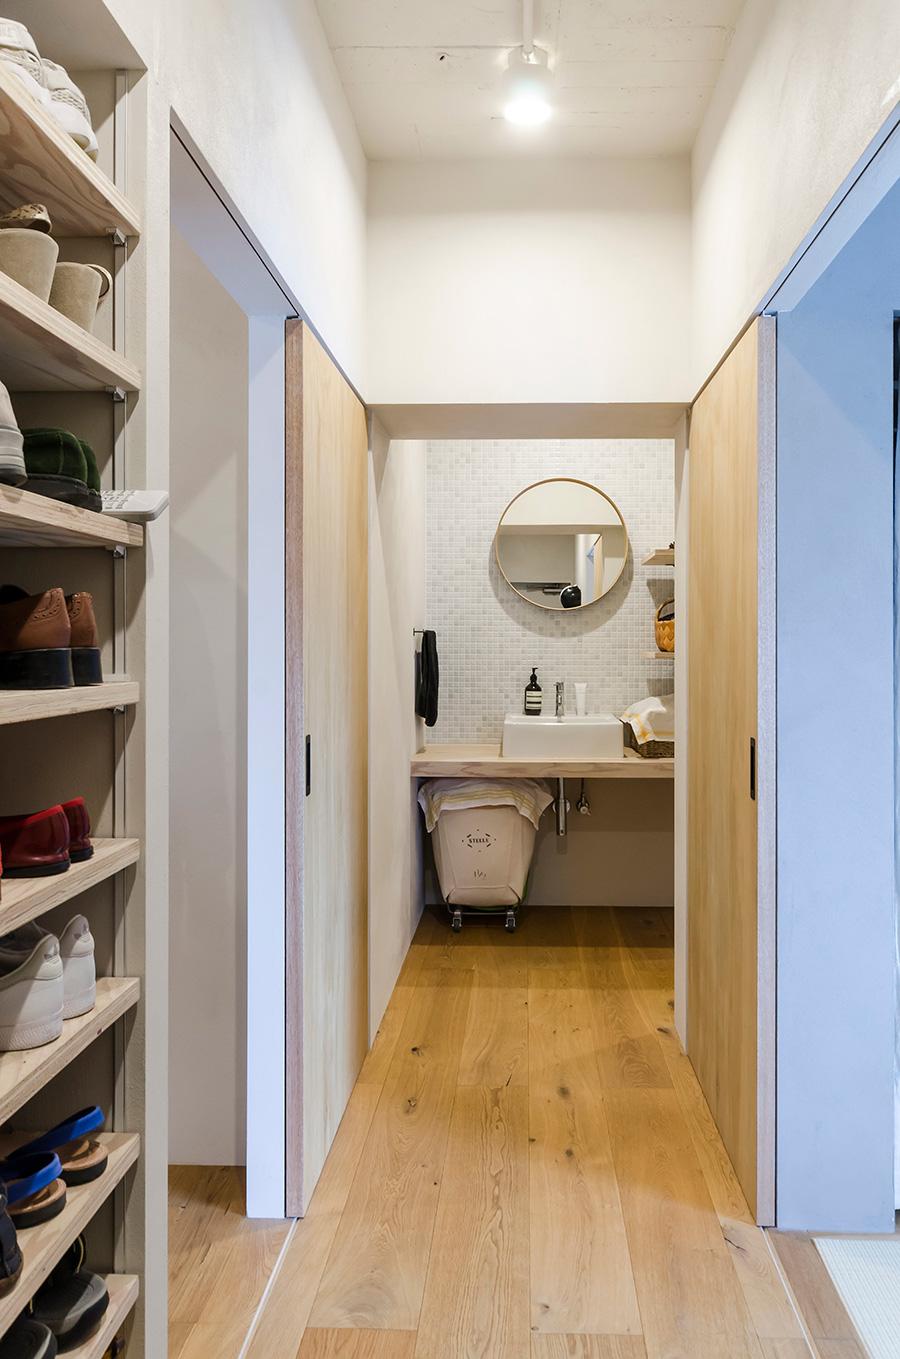 玄関を入ると、正面の丸い鏡まで一直線に廊下がのびる。